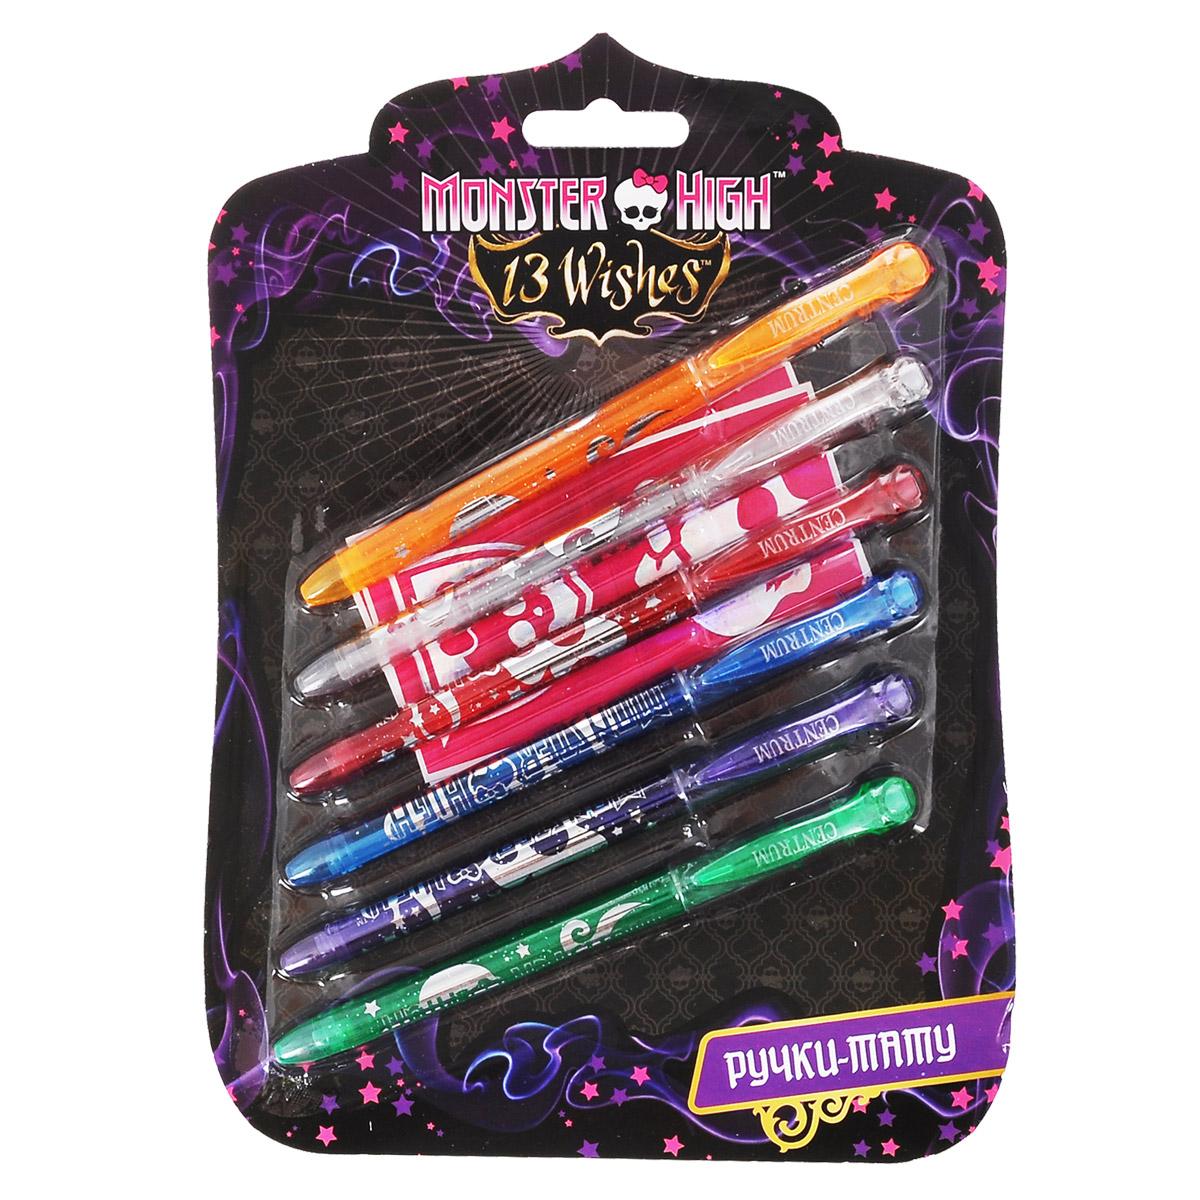 Набор гелевых ручек Centrum Monster High, для нанесения татуировок, 6 шт84988_цвет 2Набор гелевых ручек Centrum Monster High включает 6 ручек ярких цветов - оранжевого, красного, голубого, фиолетового, белого и зеленого. Корпусы ручек украшены блестками и логотипом мультфильма Школа монстров. Ручки имеют современный дизайн и обеспечивают мягкое и четкое письмо практически на любой бумаге, и даже на коже - ваш малыш сможет придумать и нарисовать забавные смывающиеся татуировки для себя и своих друзей. Полупрозрачный корпус ручки позволяет контролировать расход чернил. Ручки закрываются колпачком, оснащенным клип-зажимом. Цвет корпуса соответствует цвету чернил.